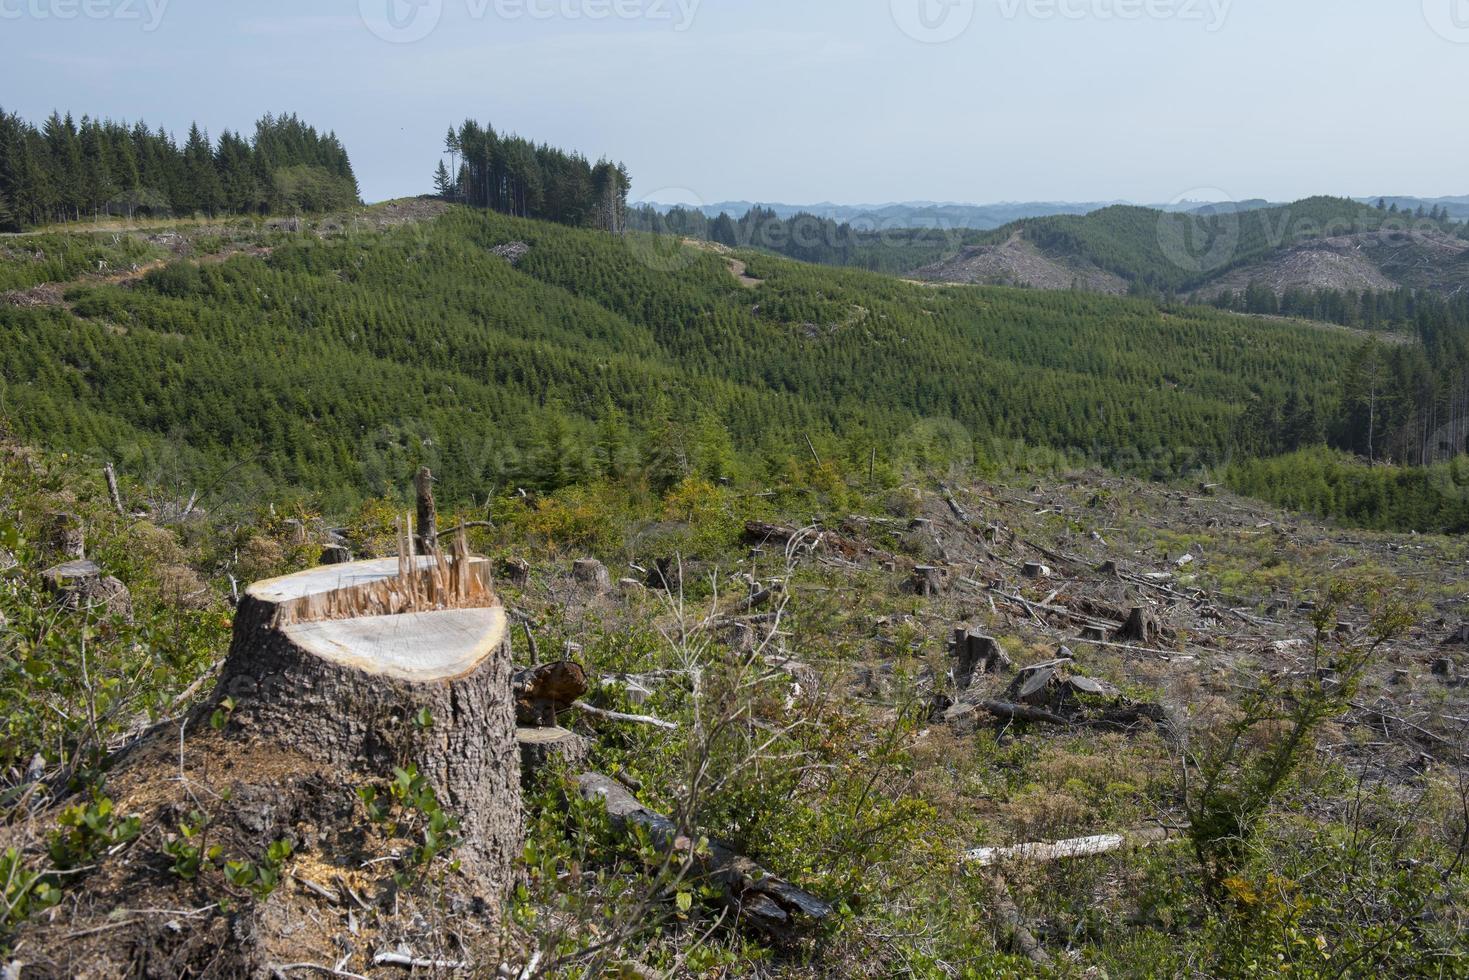 forêt coupée à blanc, signes de reboisement photo